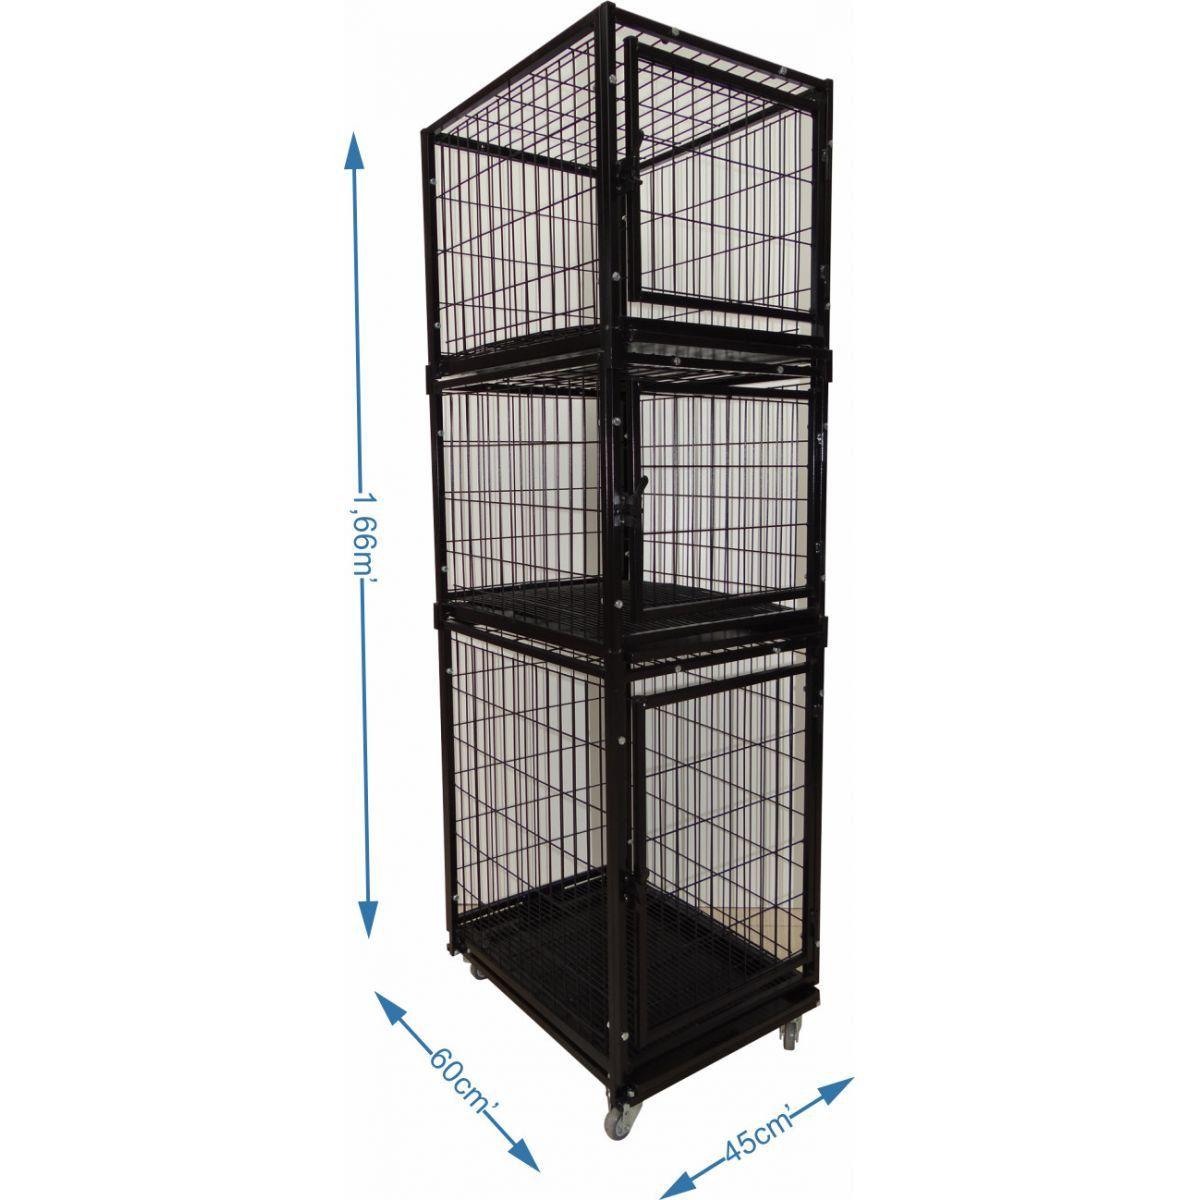 Gaiola canil Cães E Gatos 3 lugares modular - Preta